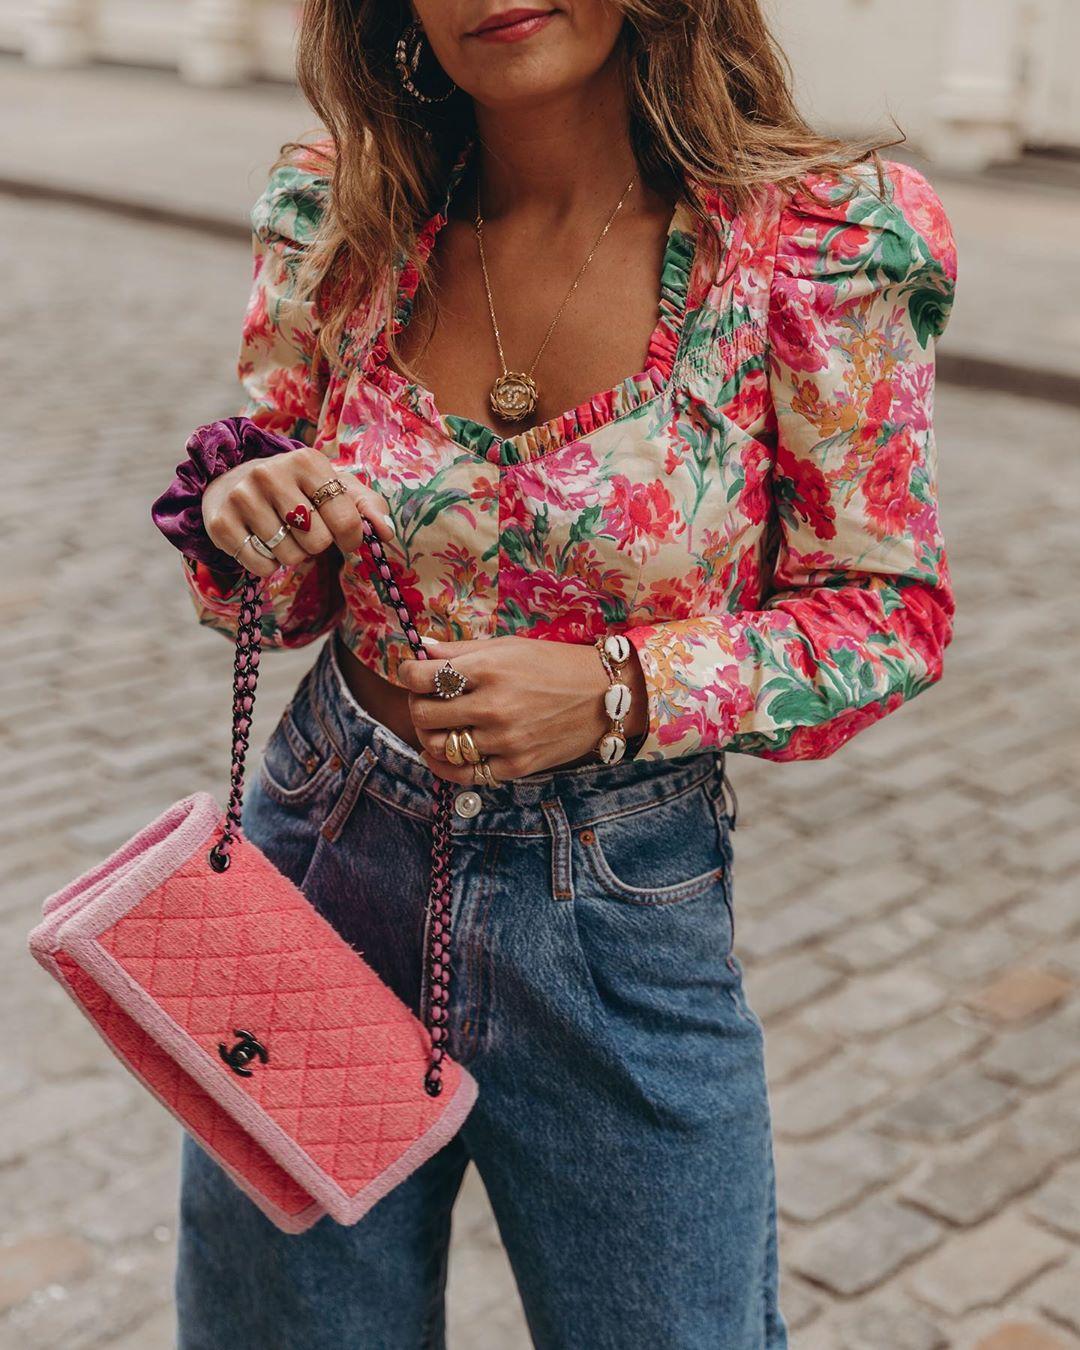 Cô gái mặc áo hoa, quần jeans, đeo vòng tay vỏ sò